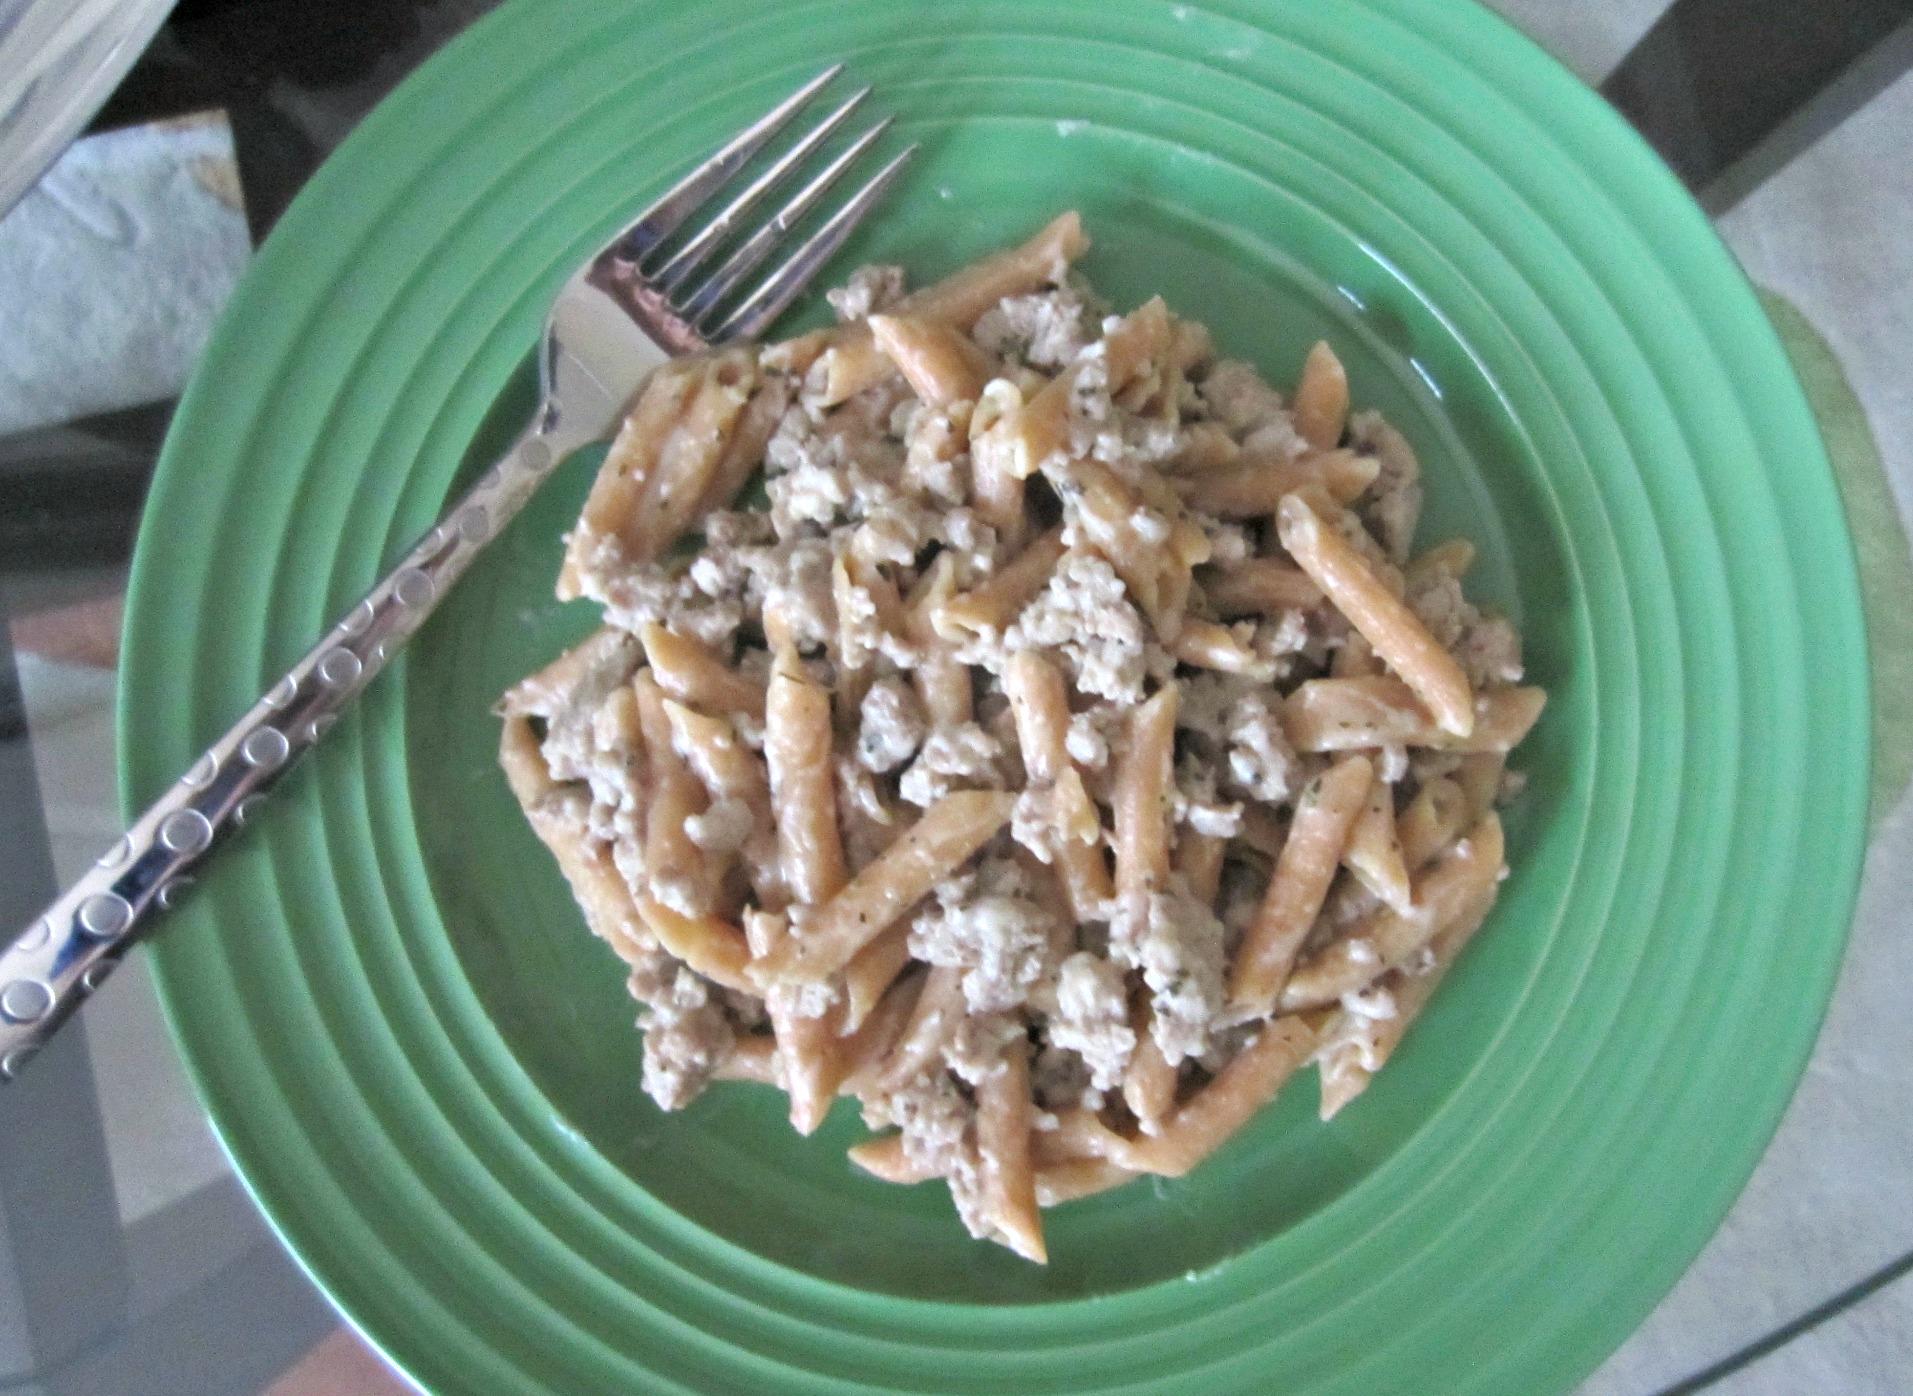 vans gluten free creamy herb & garlic pasta